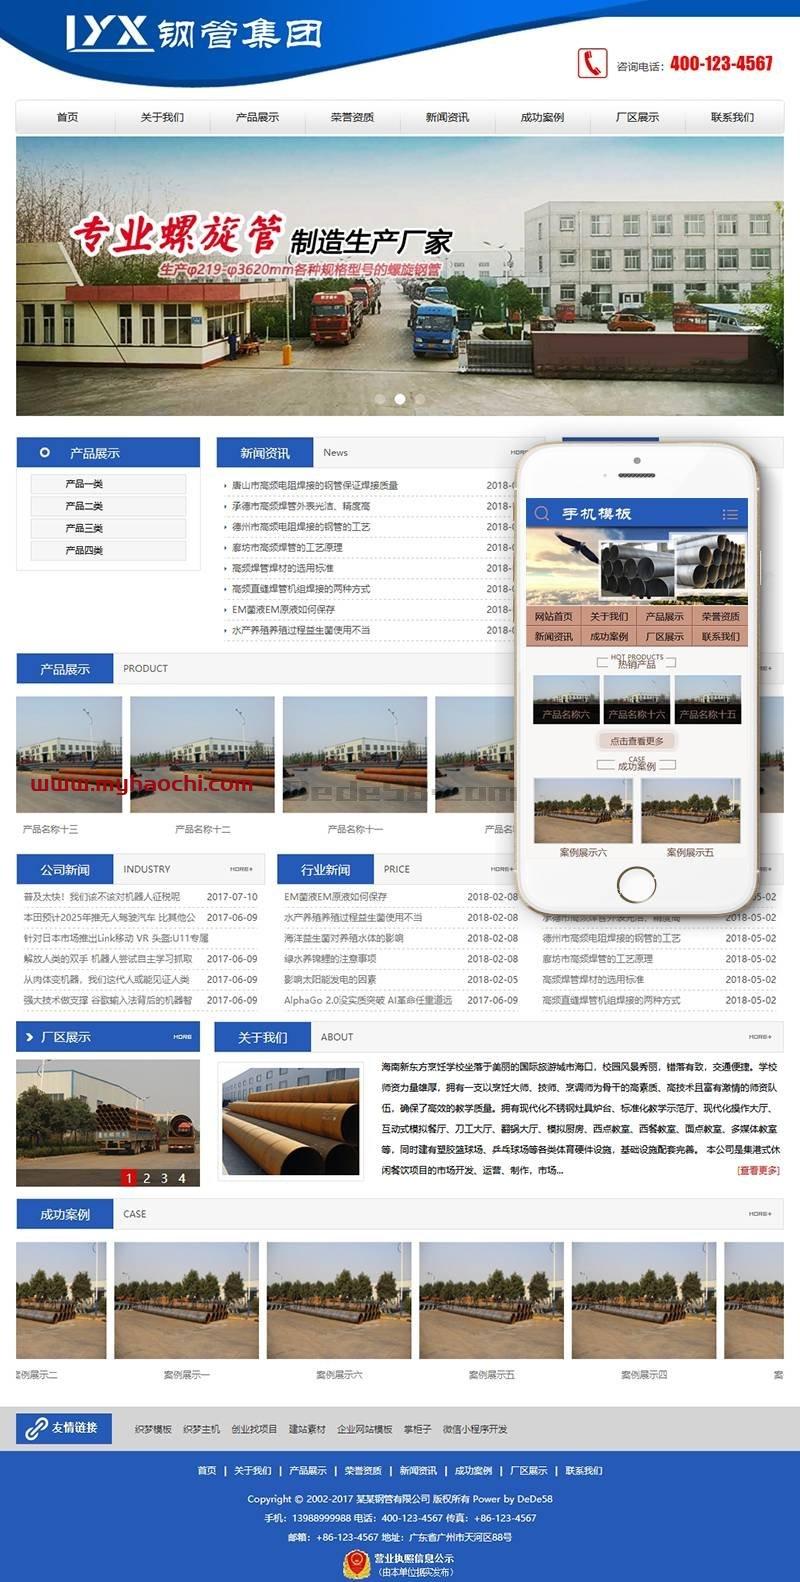 钢管工程贸易类网站源码 dedecms织梦模板 (带手机端)插图